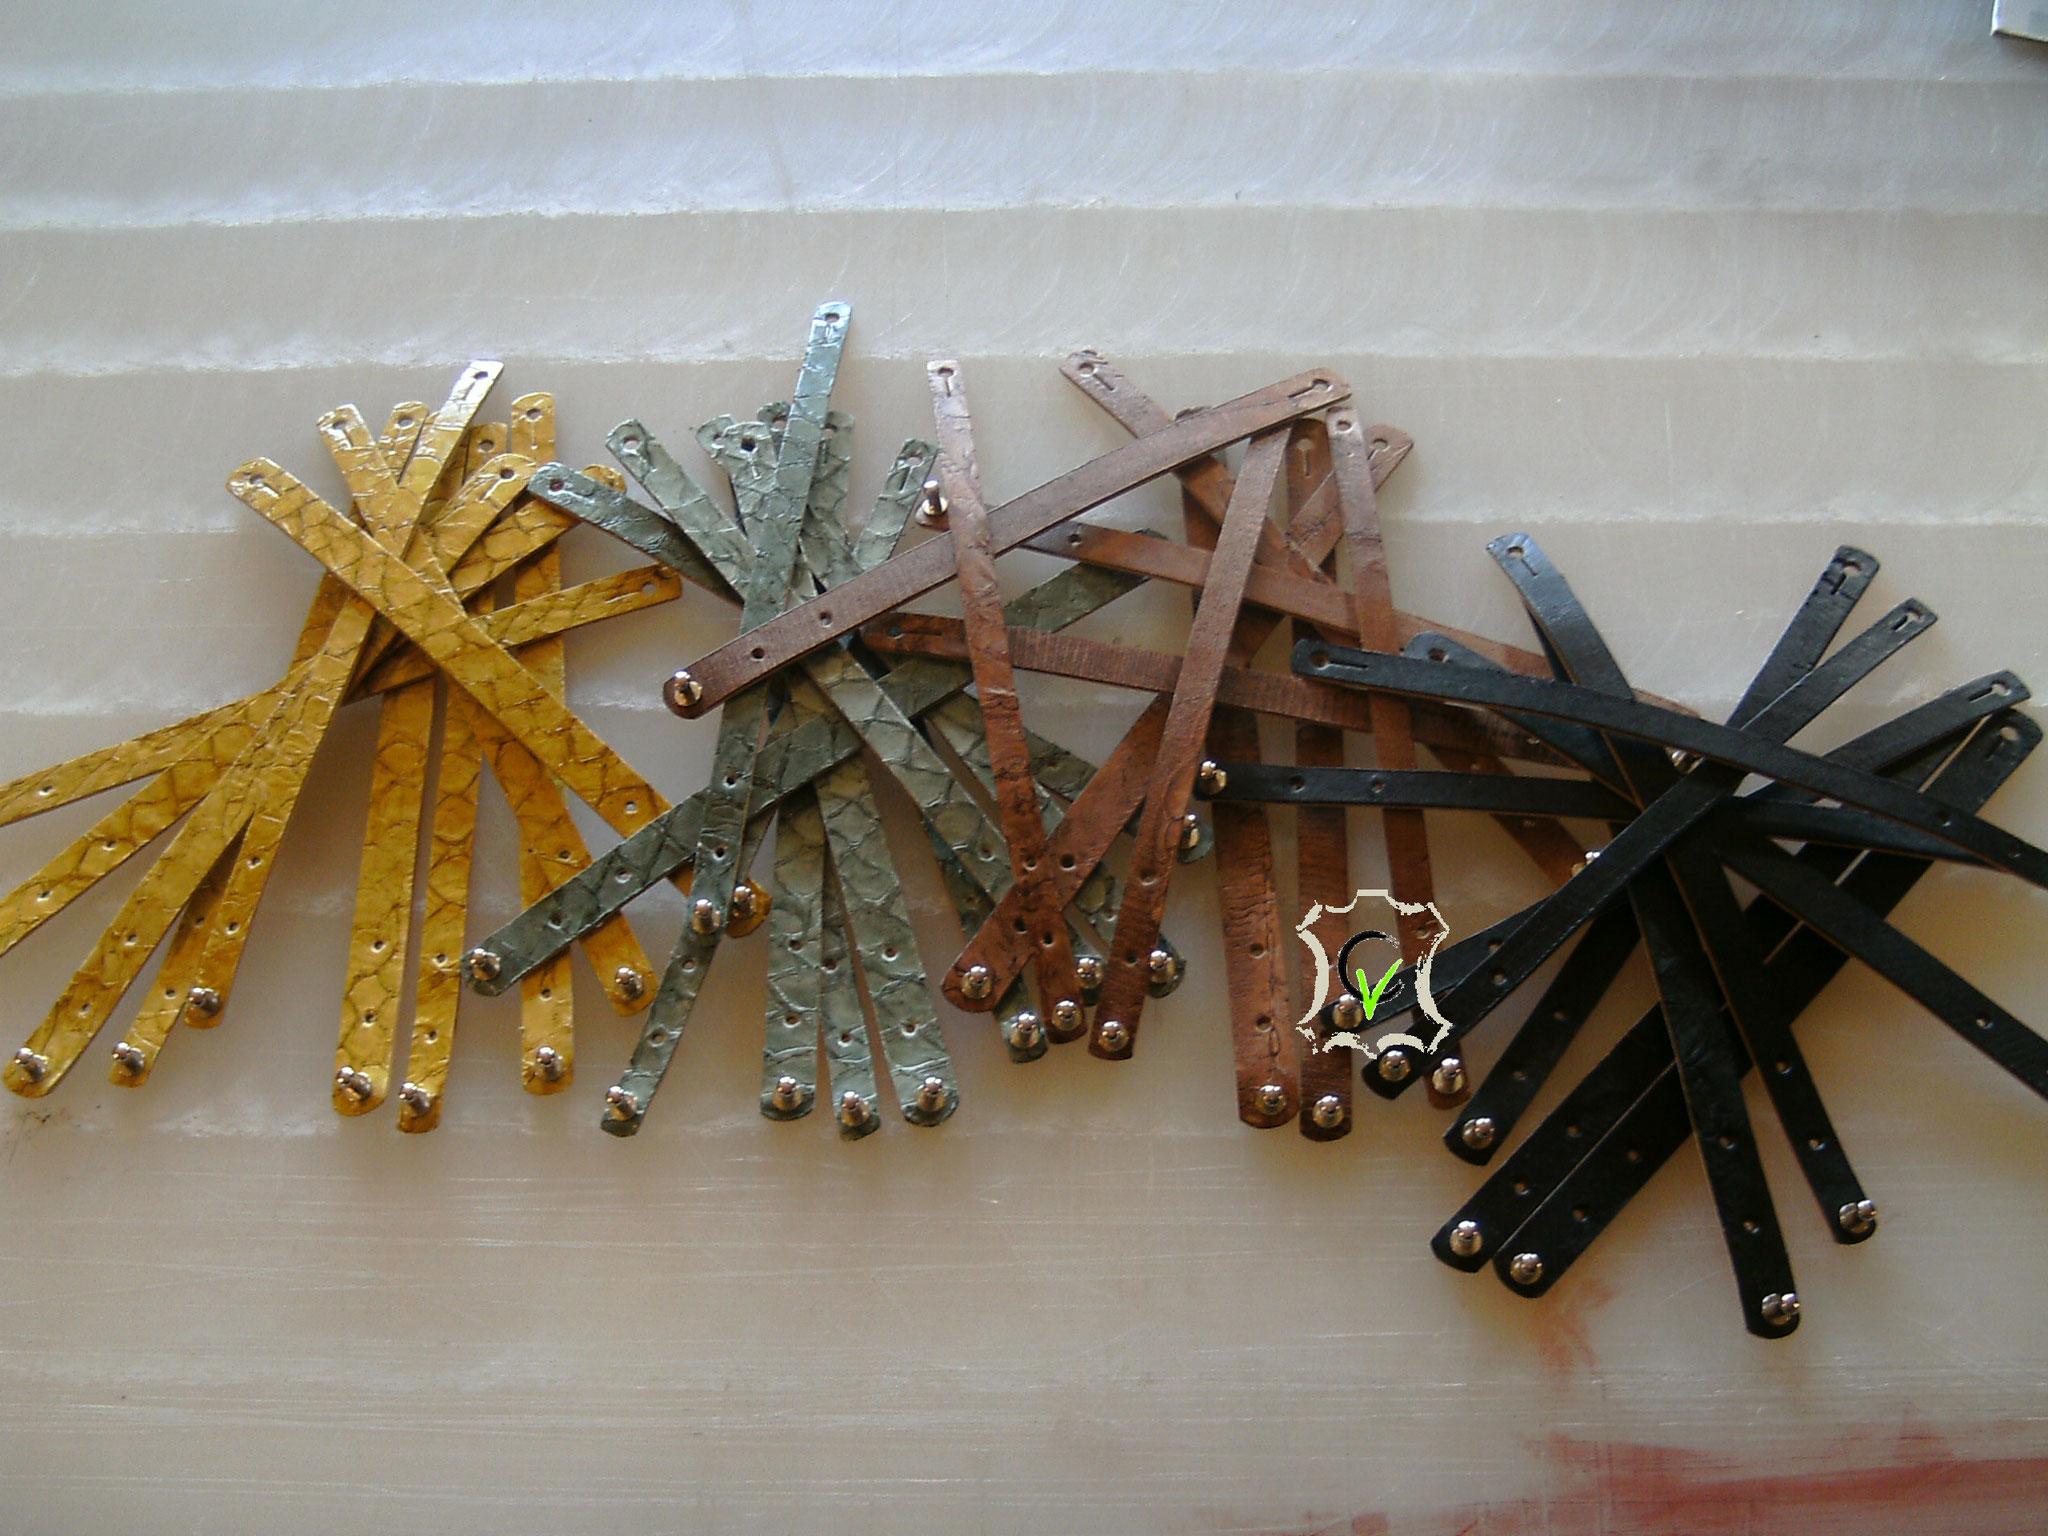 Bracelets en cuir de Carpes de Dombes doublés cuir vachette tannage végétal